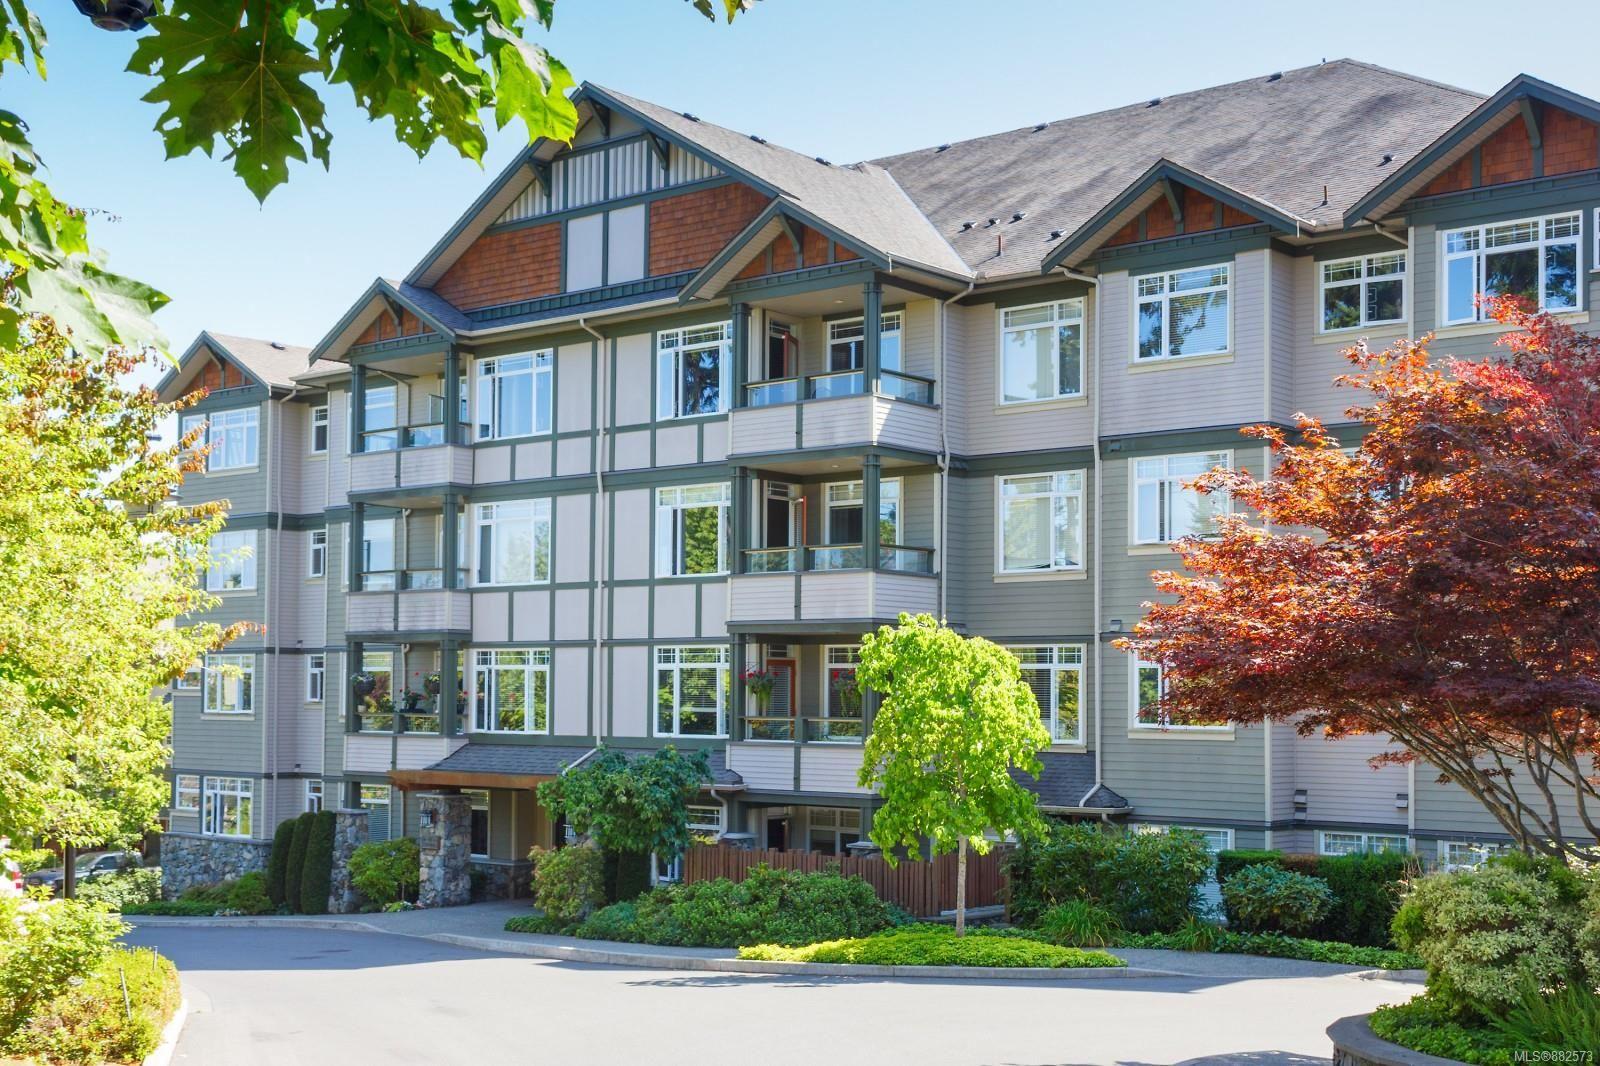 Main Photo: 401E 1115 Craigflower Rd in : Es Gorge Vale Condo for sale (Esquimalt)  : MLS®# 882573